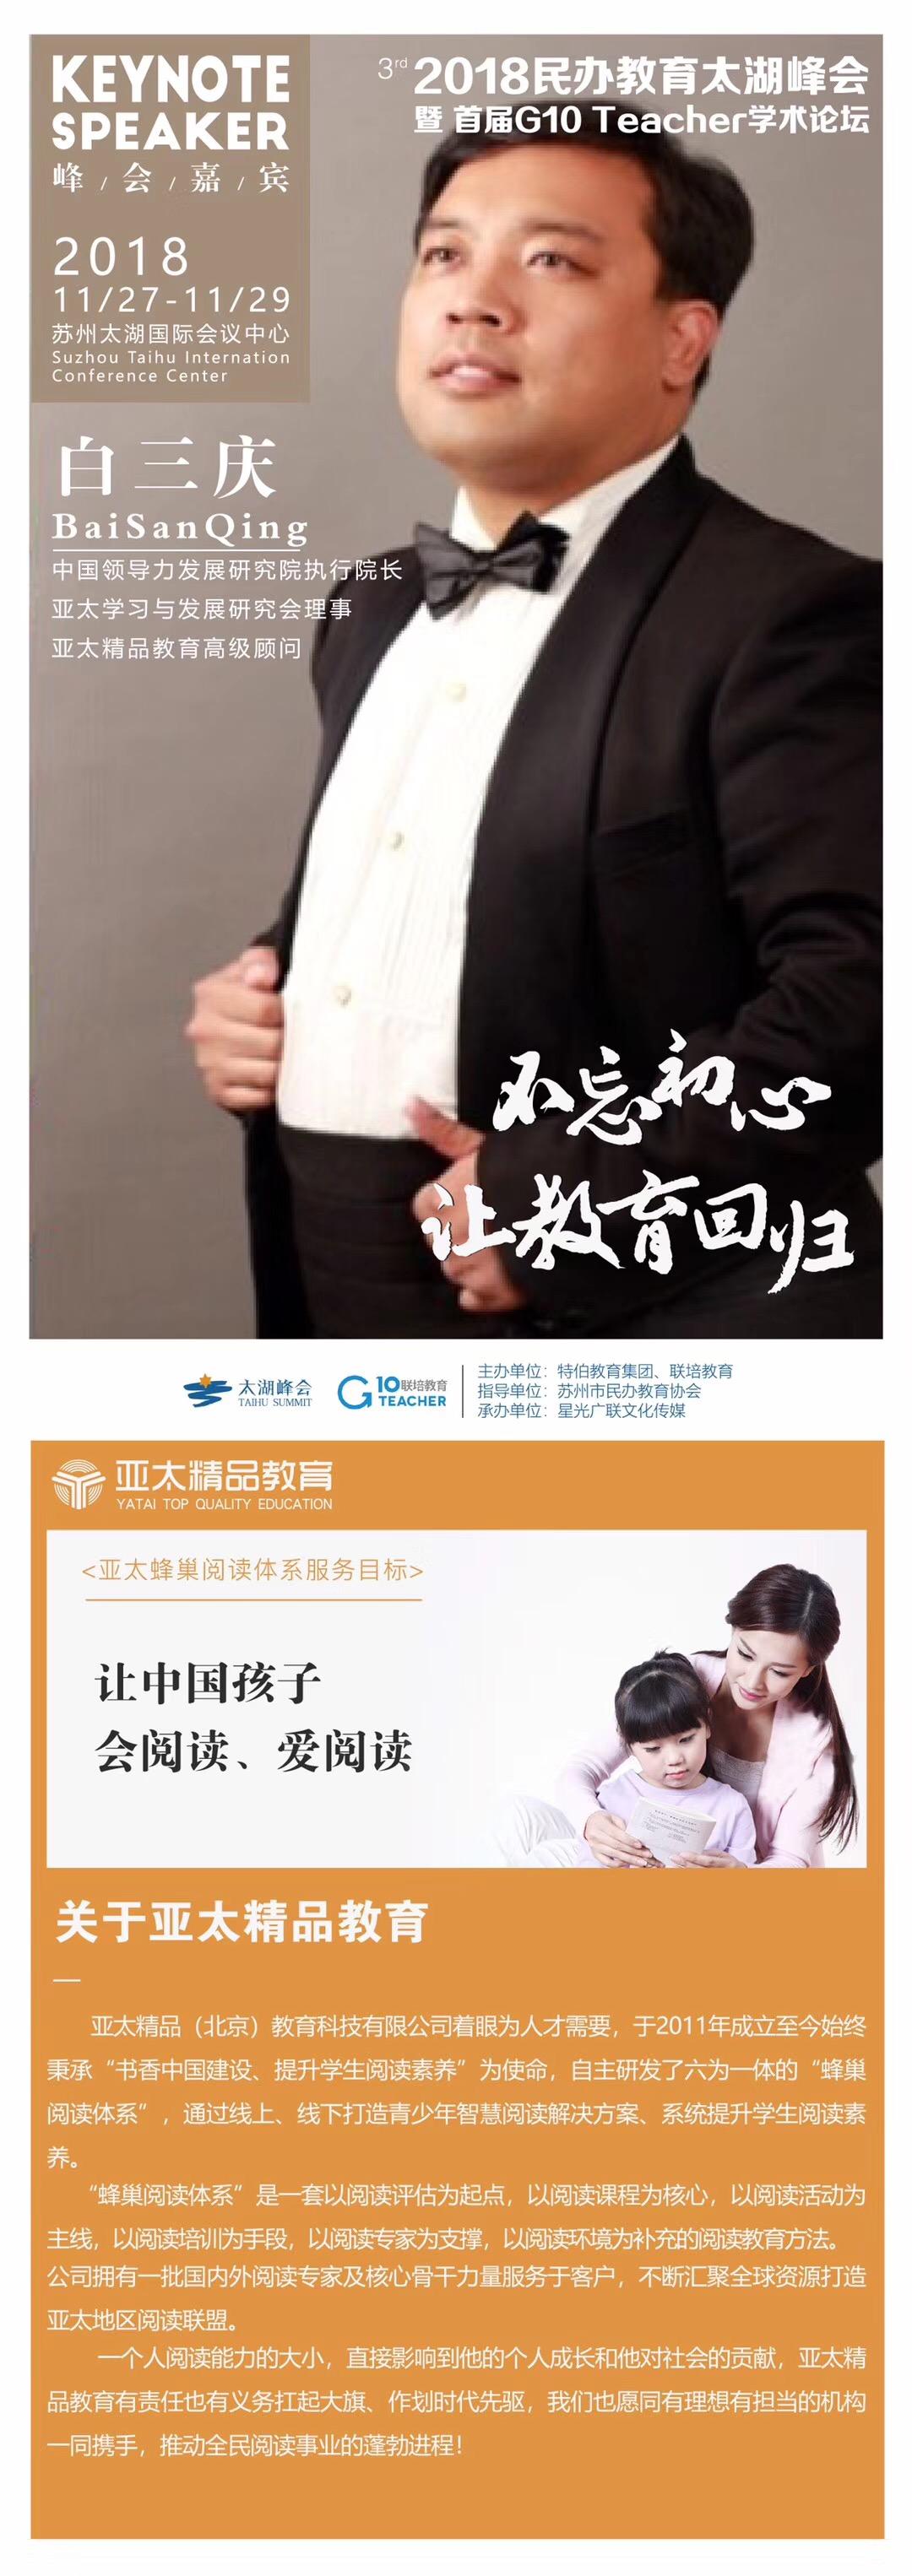 第三届2018民办教育太湖峰会暨 G10 Teacher学术论坛